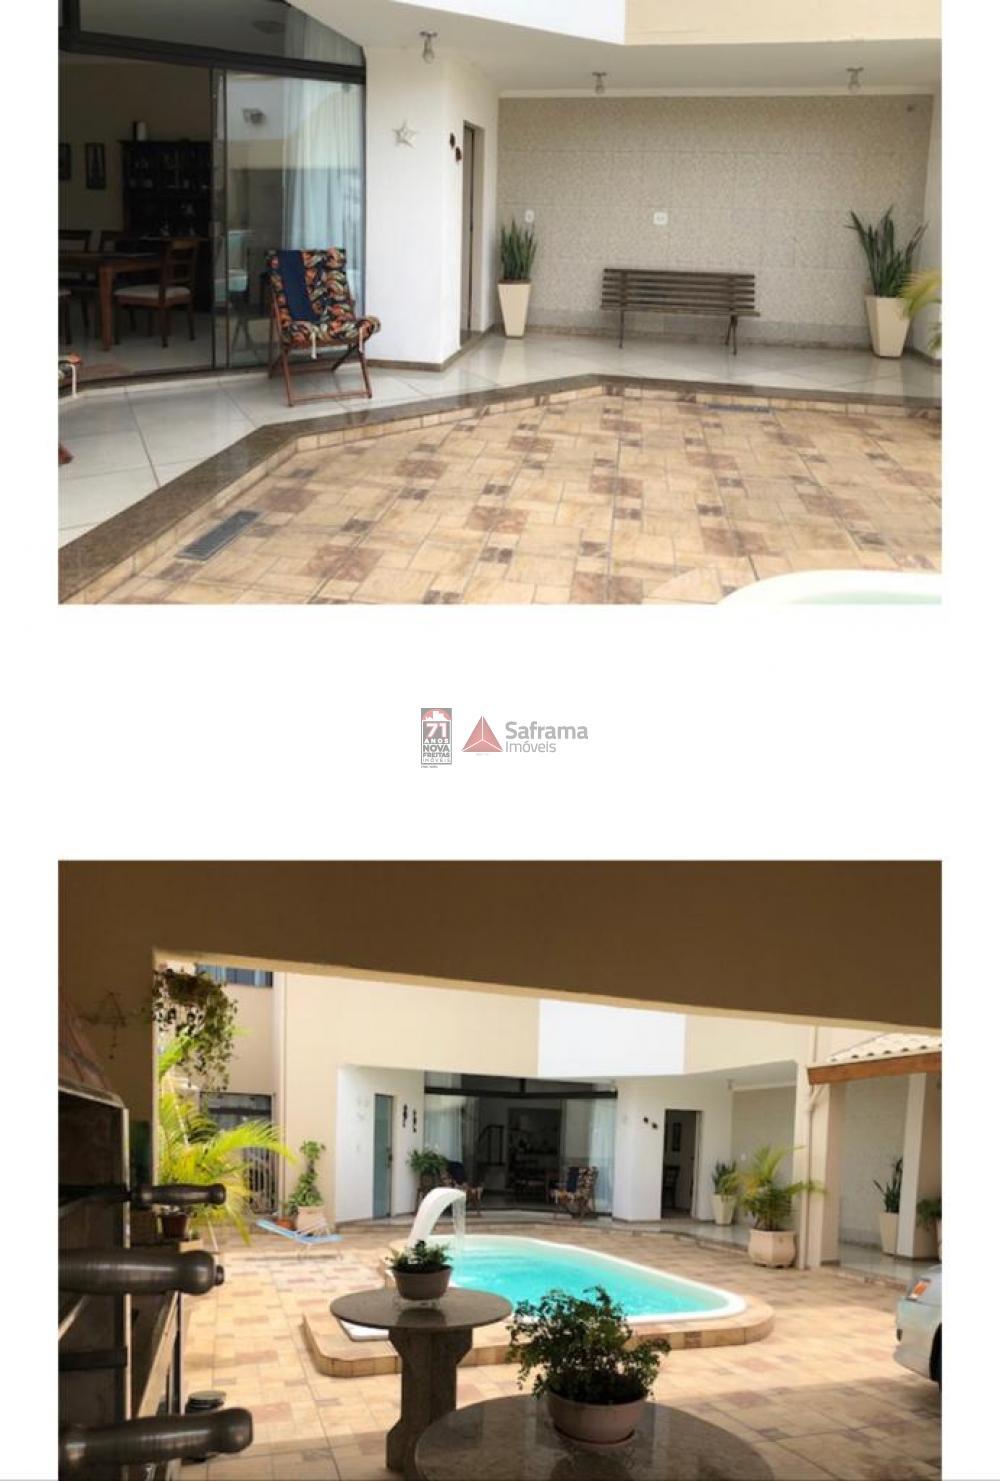 Comprar Casa / Sobrado em Aparecida apenas R$ 999.000,00 - Foto 11